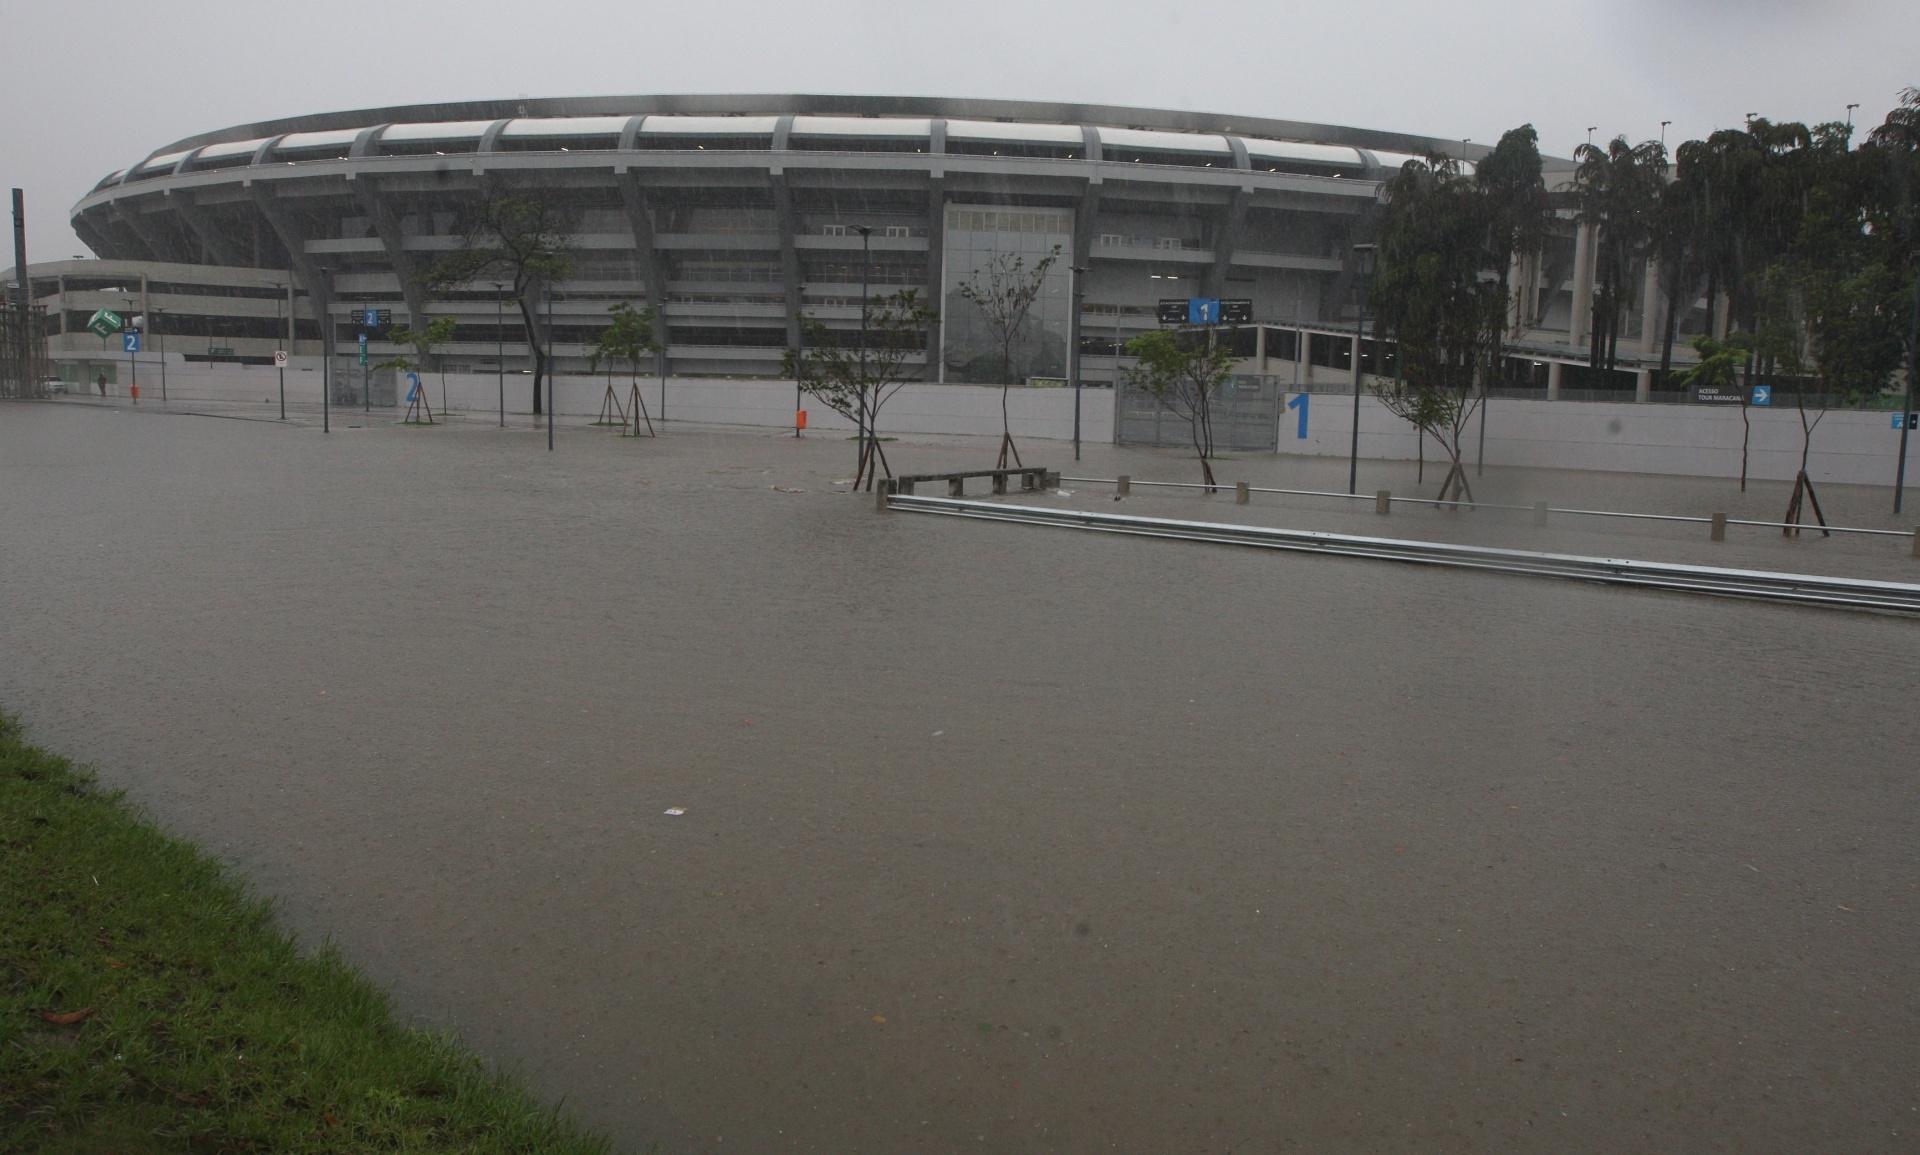 11.dez.2013 - Vista geral do alagamento na região do estádio do Maracanã, no Rio de Janeiro, na manhã desta quarta-feira (11). A chuva provocou alagamentos por toda a cidade. A SuperVia fechou os ramais de Saracuruna e Belford Roxo por volta das 6h